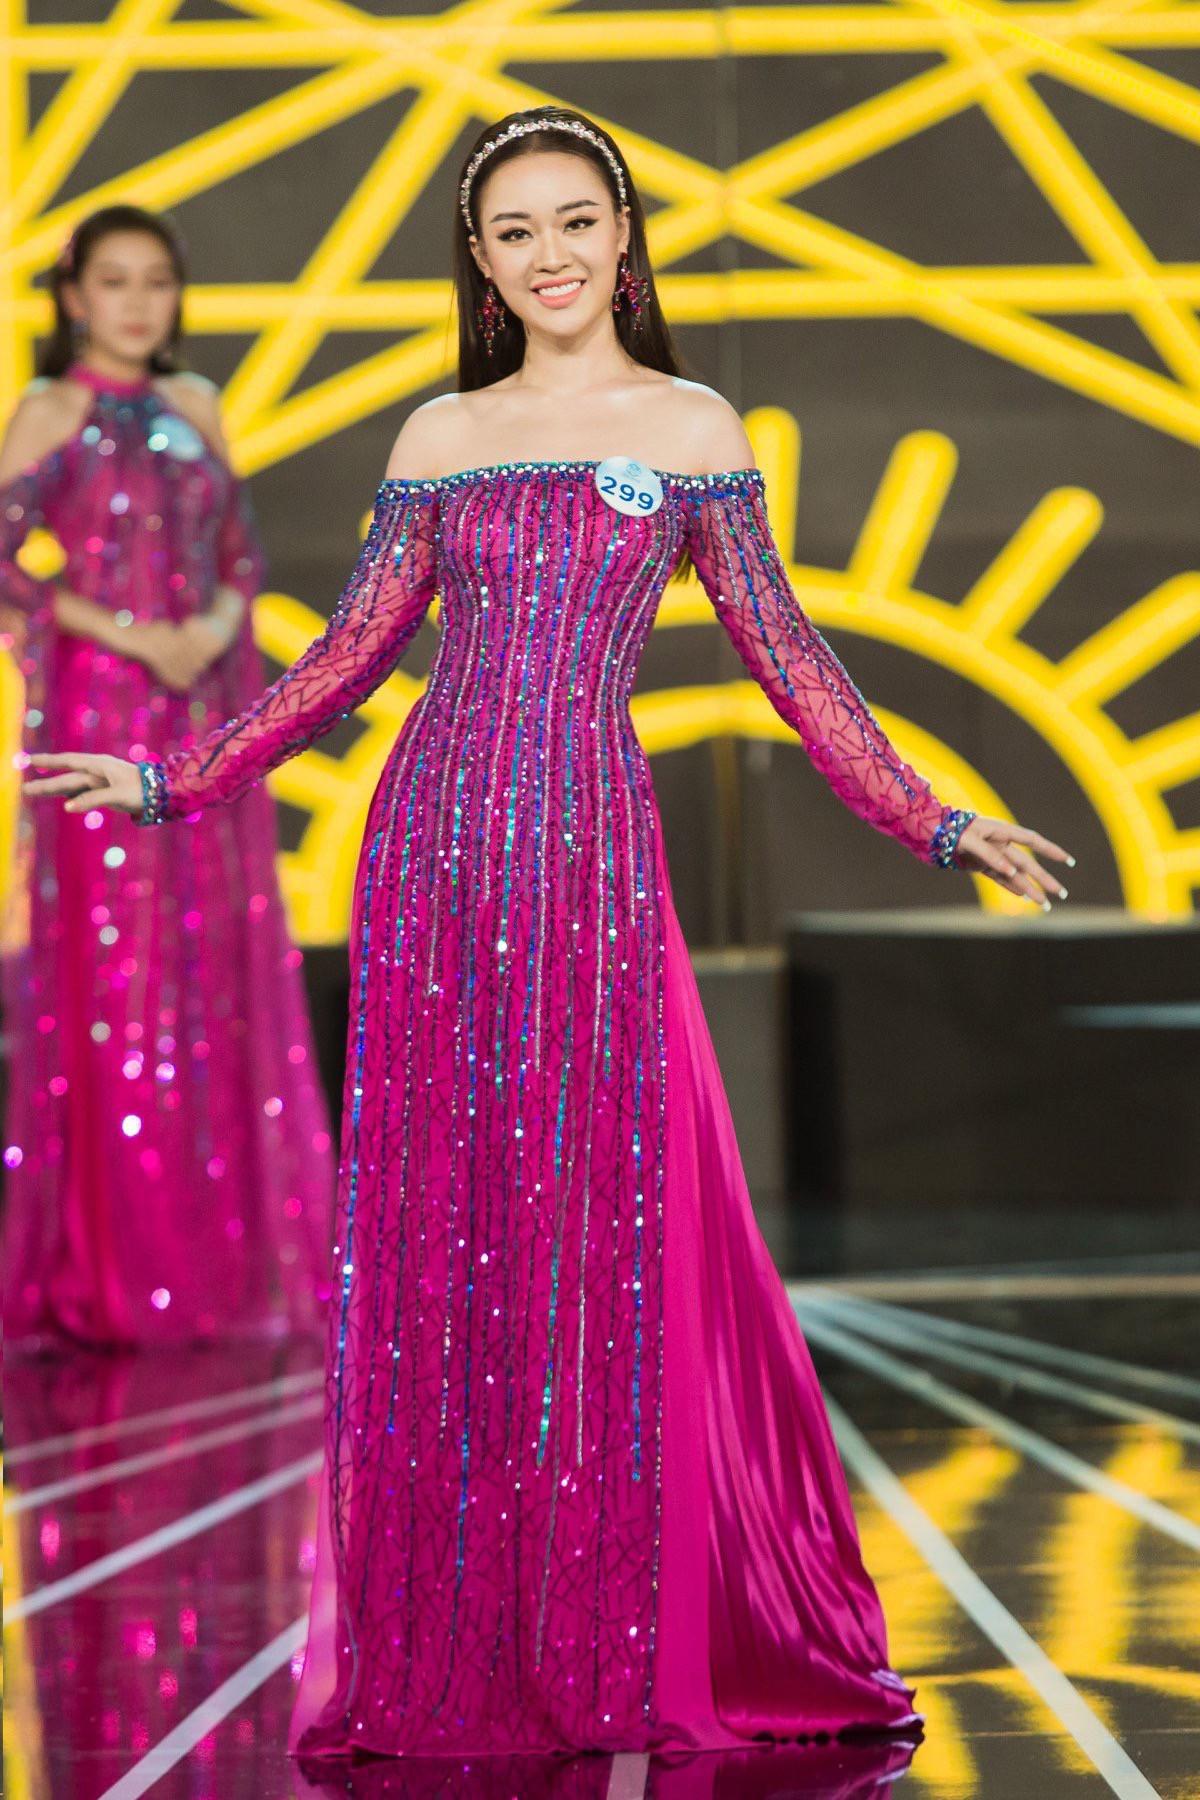 """8 lần đi thi nhan sắc, thí sinh Miss World Việt Nam tự tin tuyên bố: """"Tôi không bao giờ bỏ cuộc - Ảnh 1."""